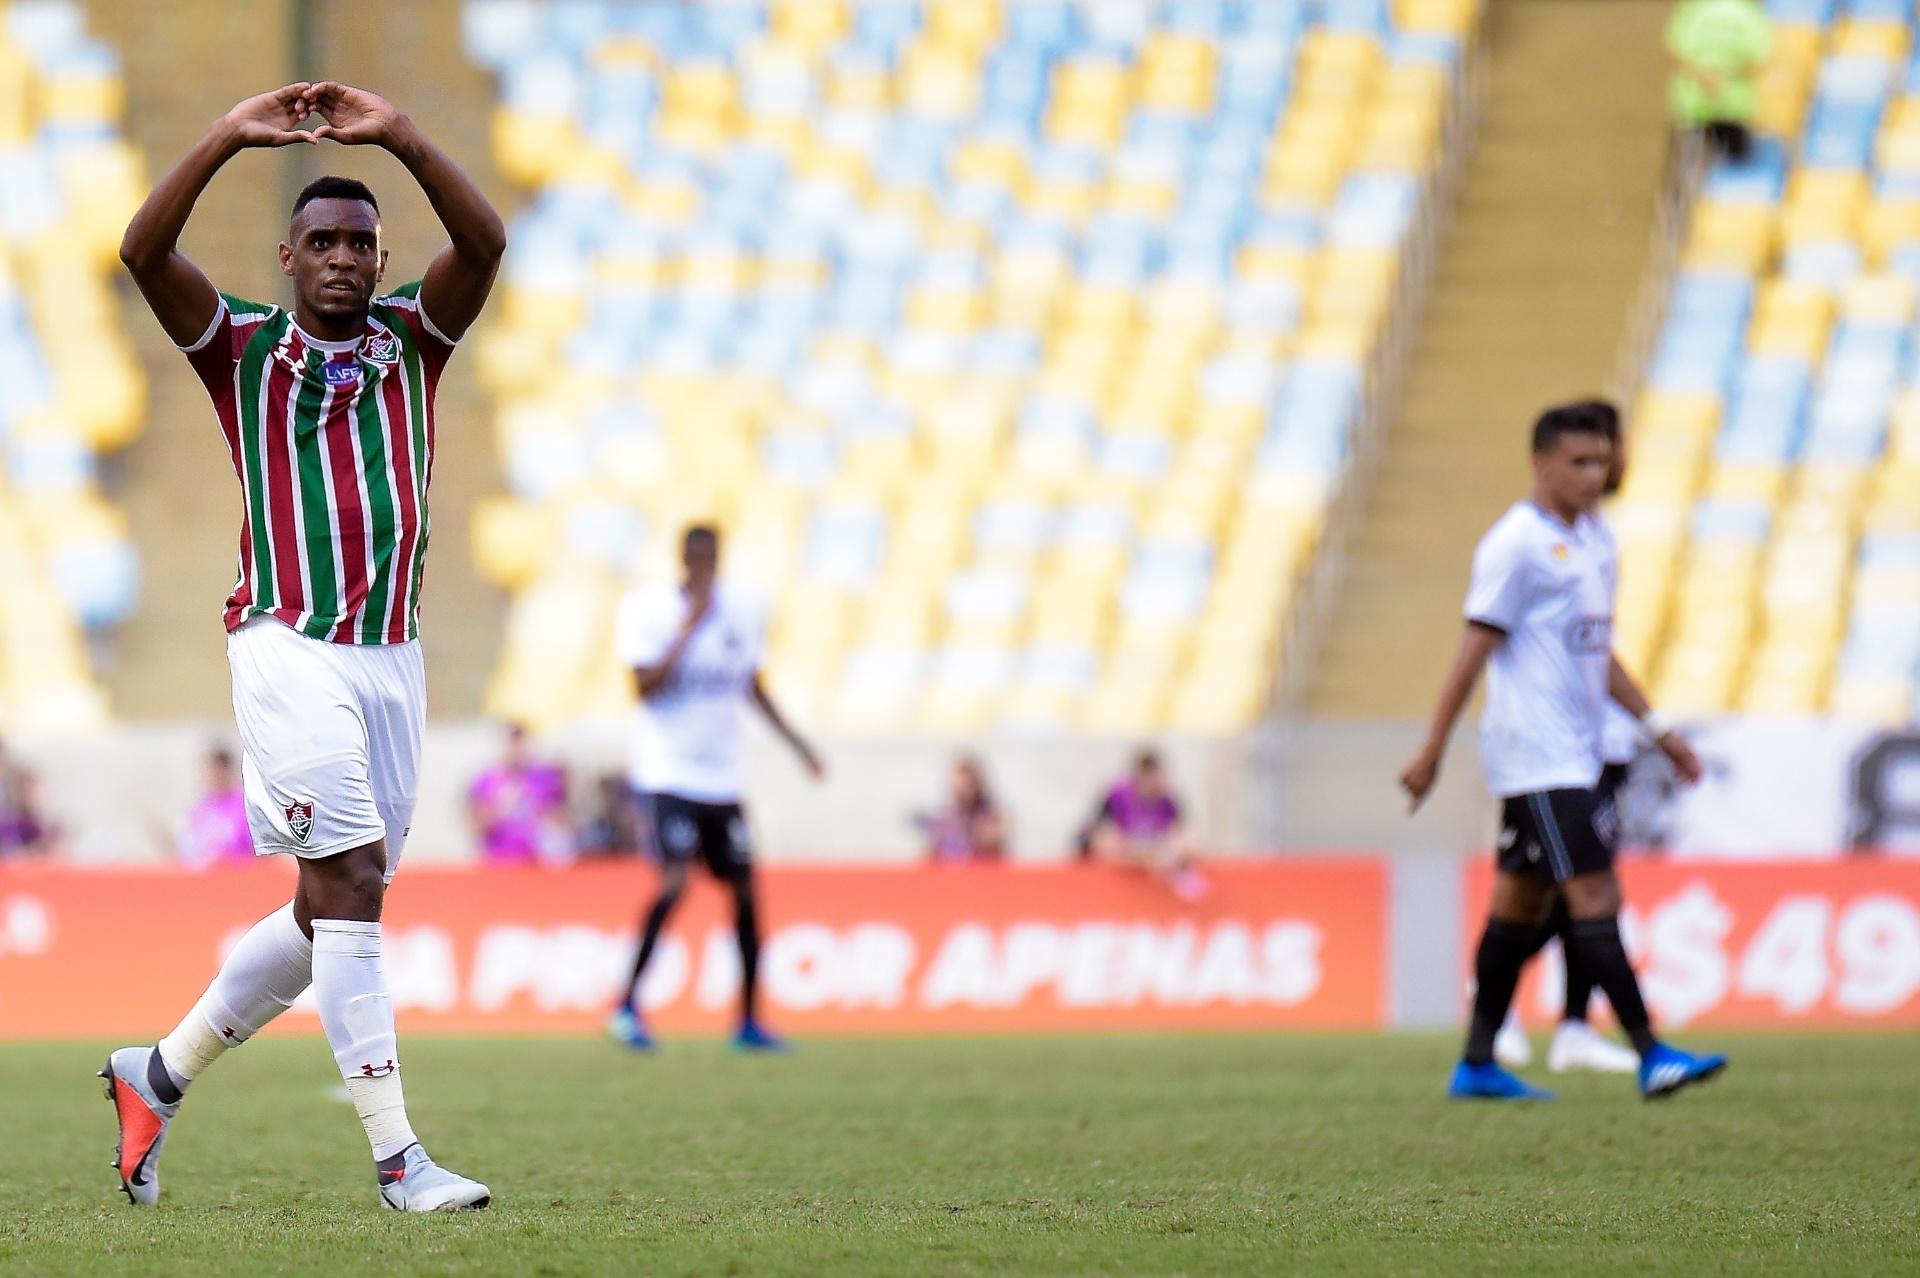 Cruzeiro tem mais de um time inteiro de emprestados que retornam ao clube -  05 12 2018 - UOL Esporte 0b58eb0713319